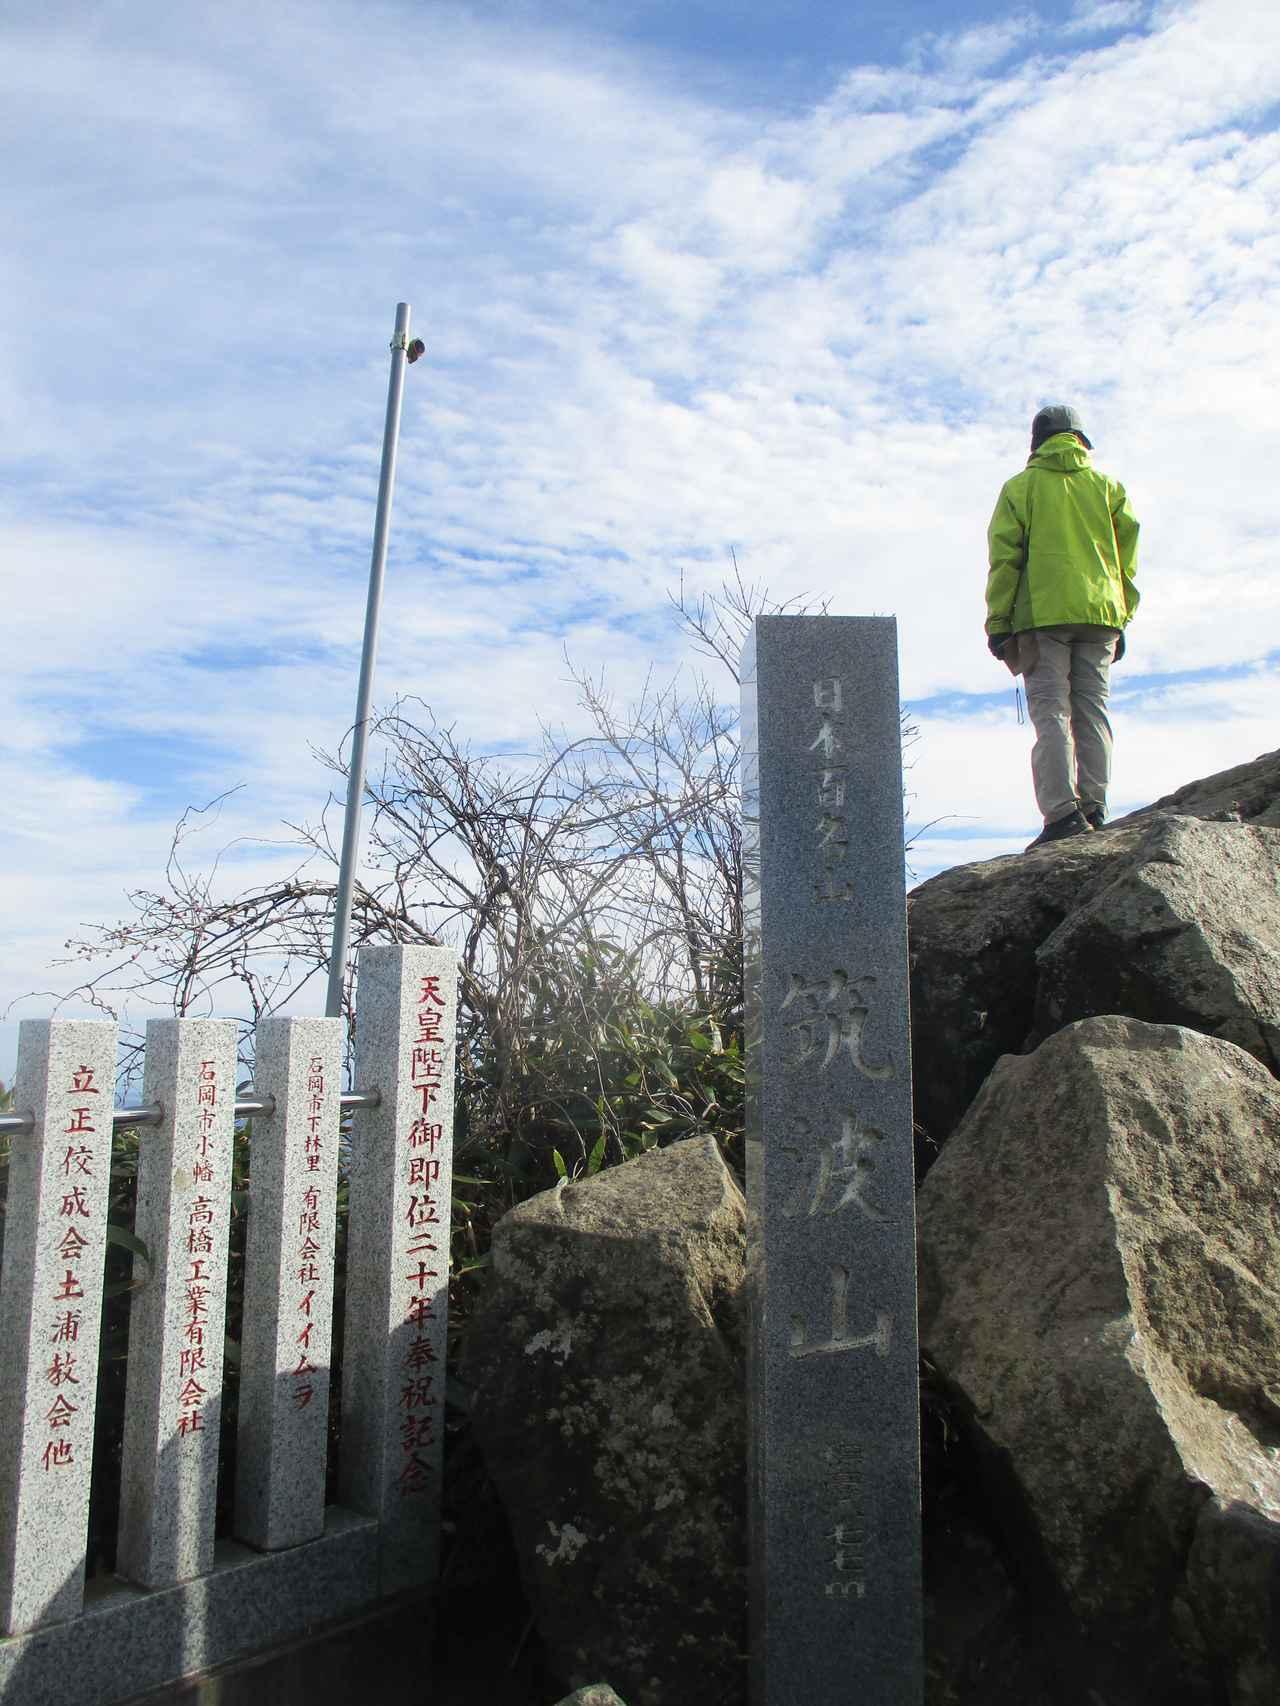 画像9: 12月6日に岡田ガイドのコースで 筑波山 に行ってきました♪